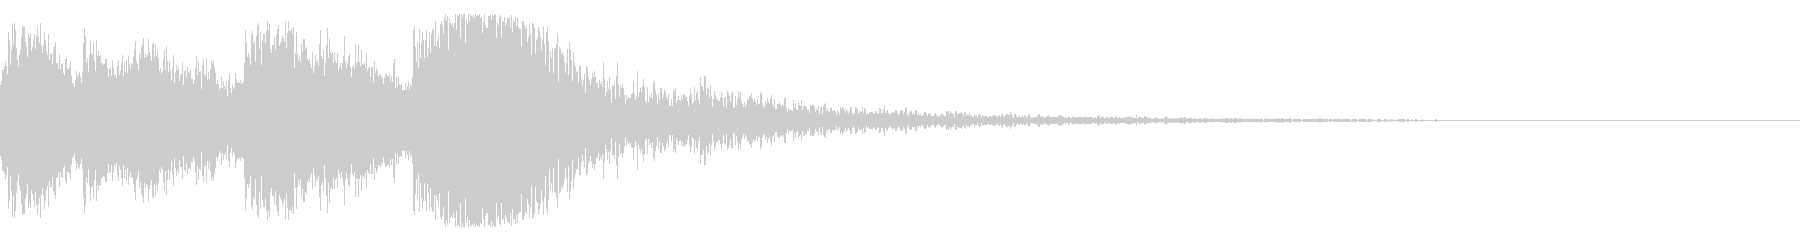 和風 オーケストラヒット ジングル!5bの未再生の波形